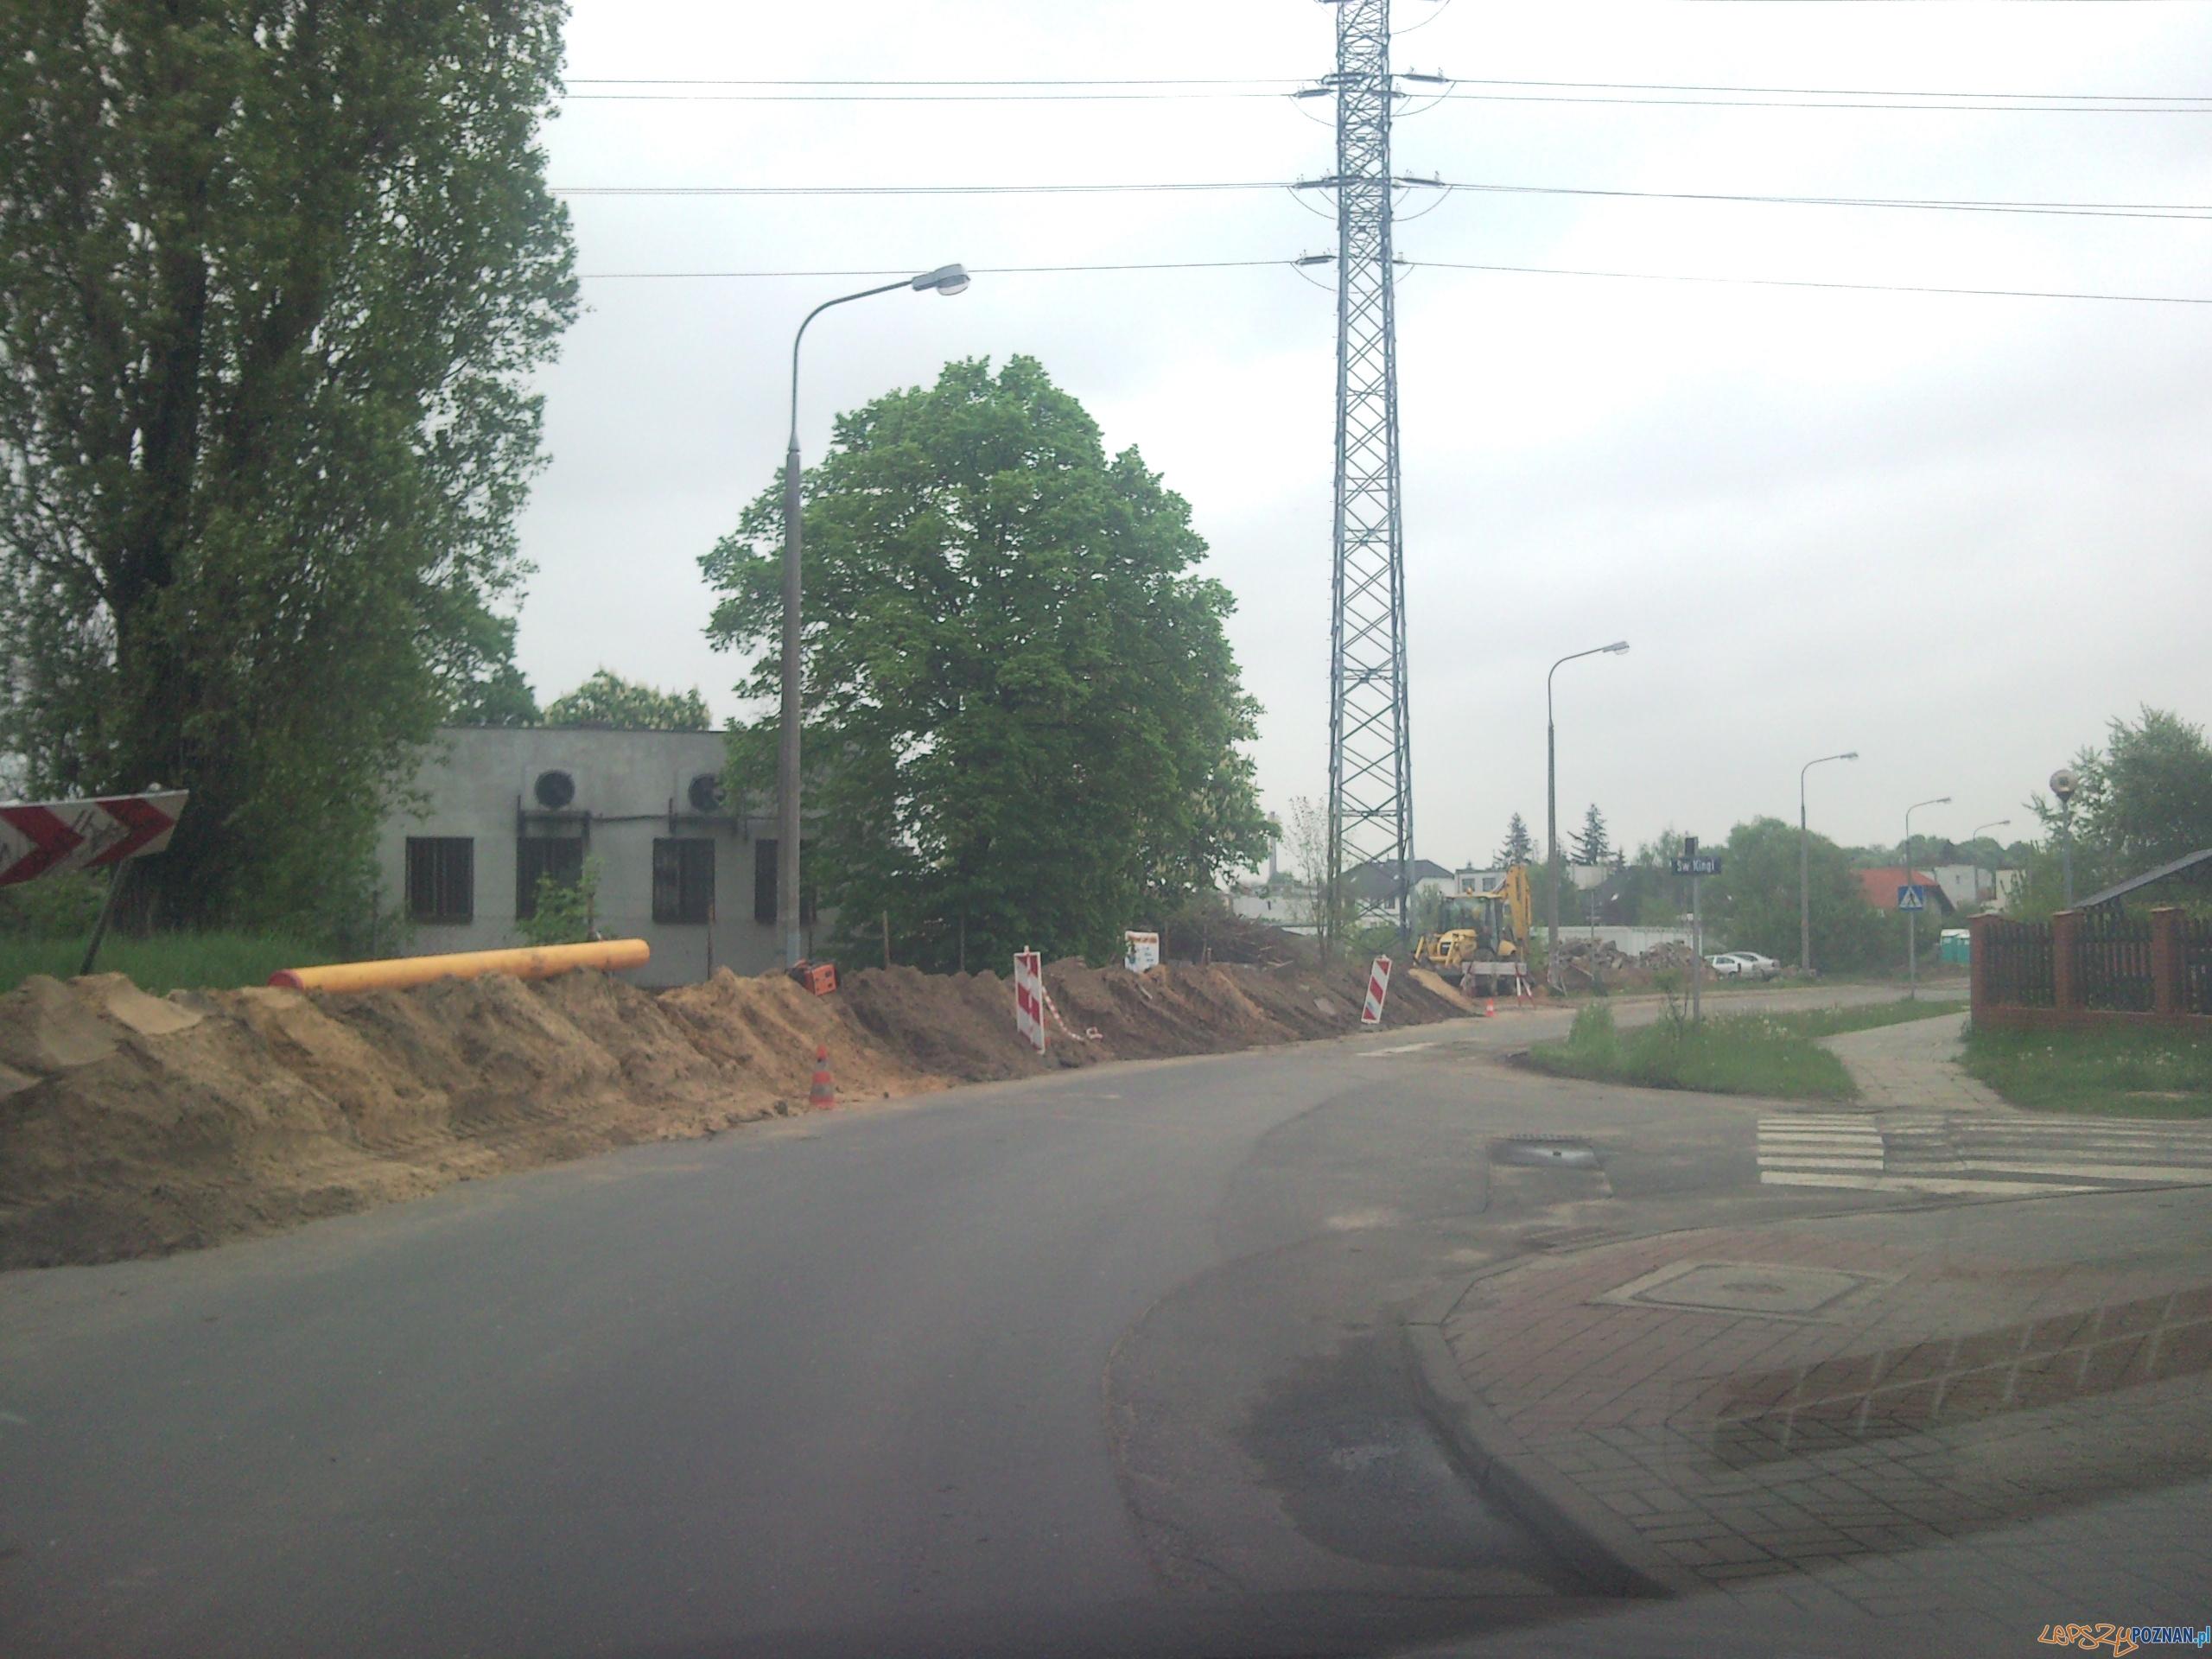 Kierowcy wyjeżdżający z prawej strony nie widzą ul Bożeny  Foto: